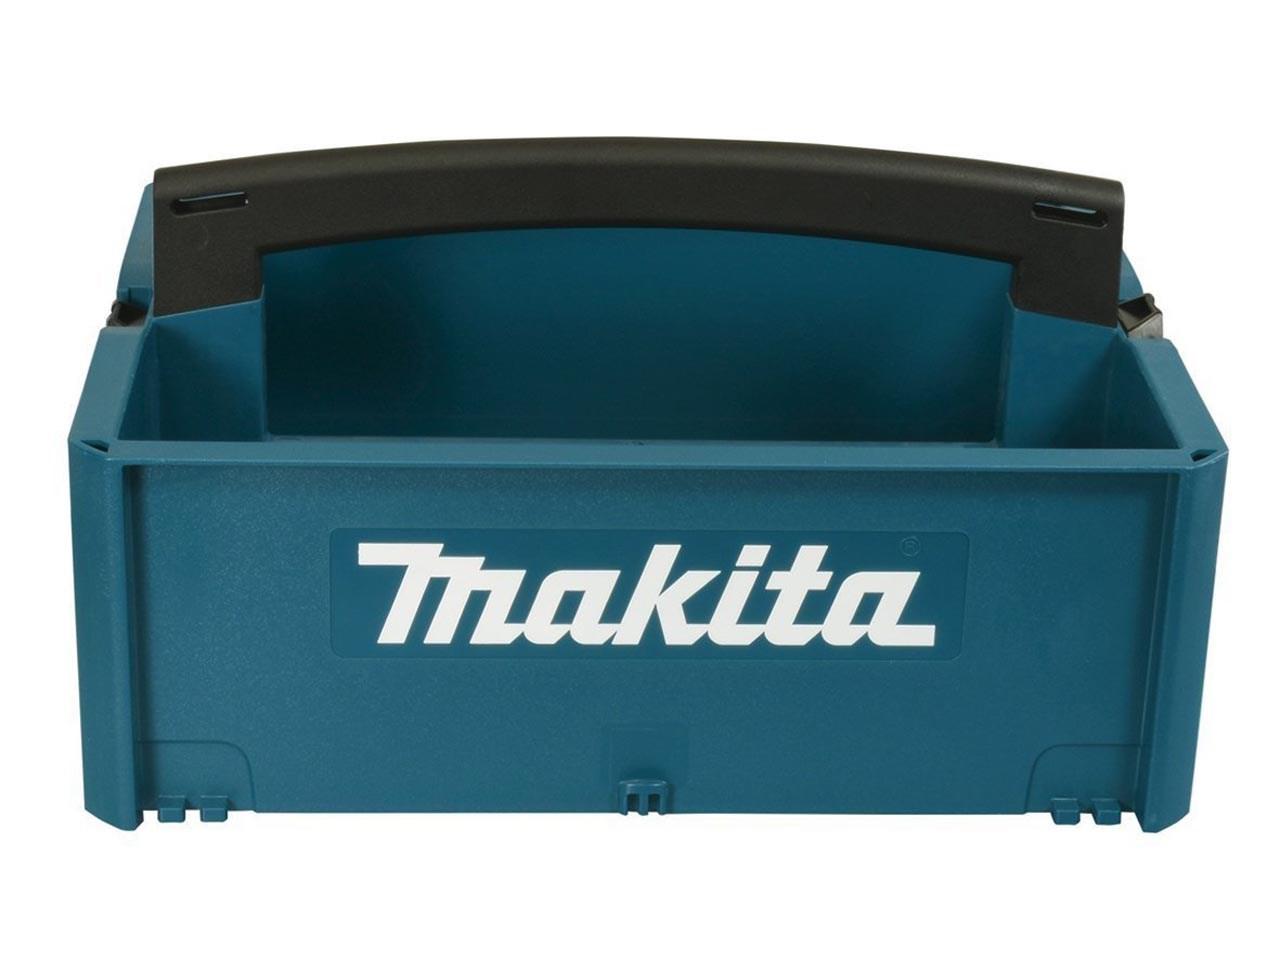 makita guide box